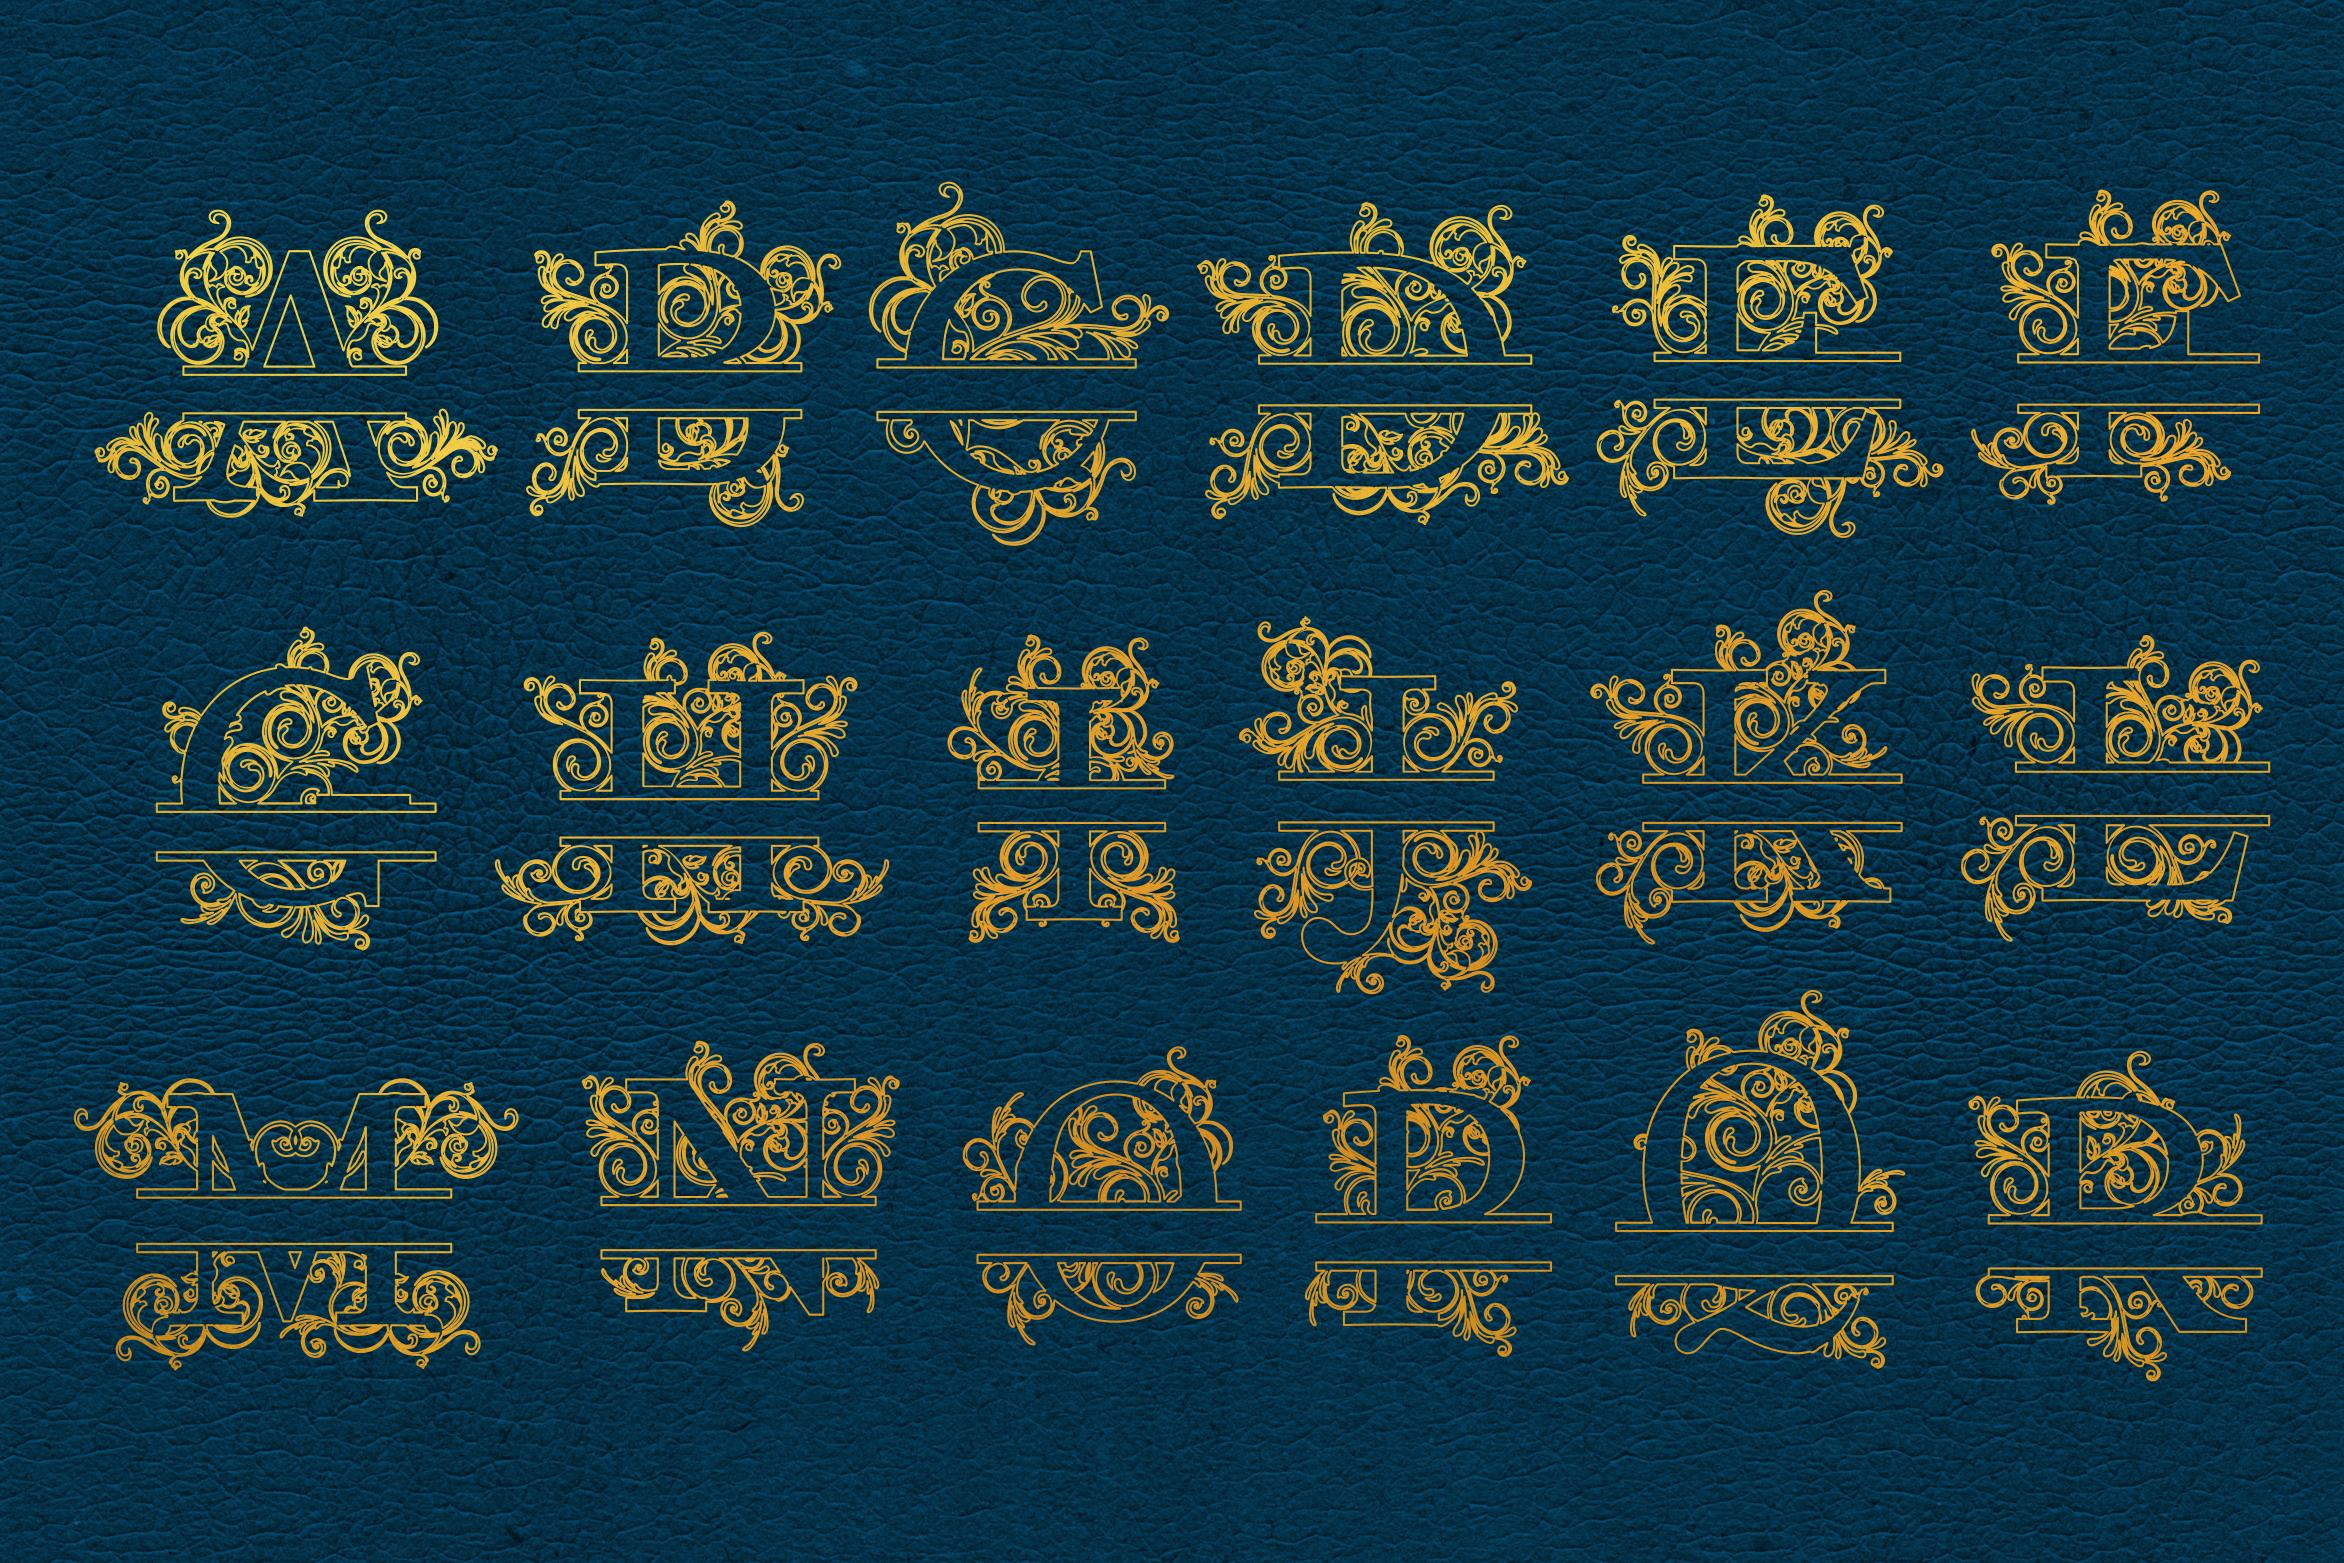 Foil Quill Split Letters, Single Line Letters, Split Letters example image 2